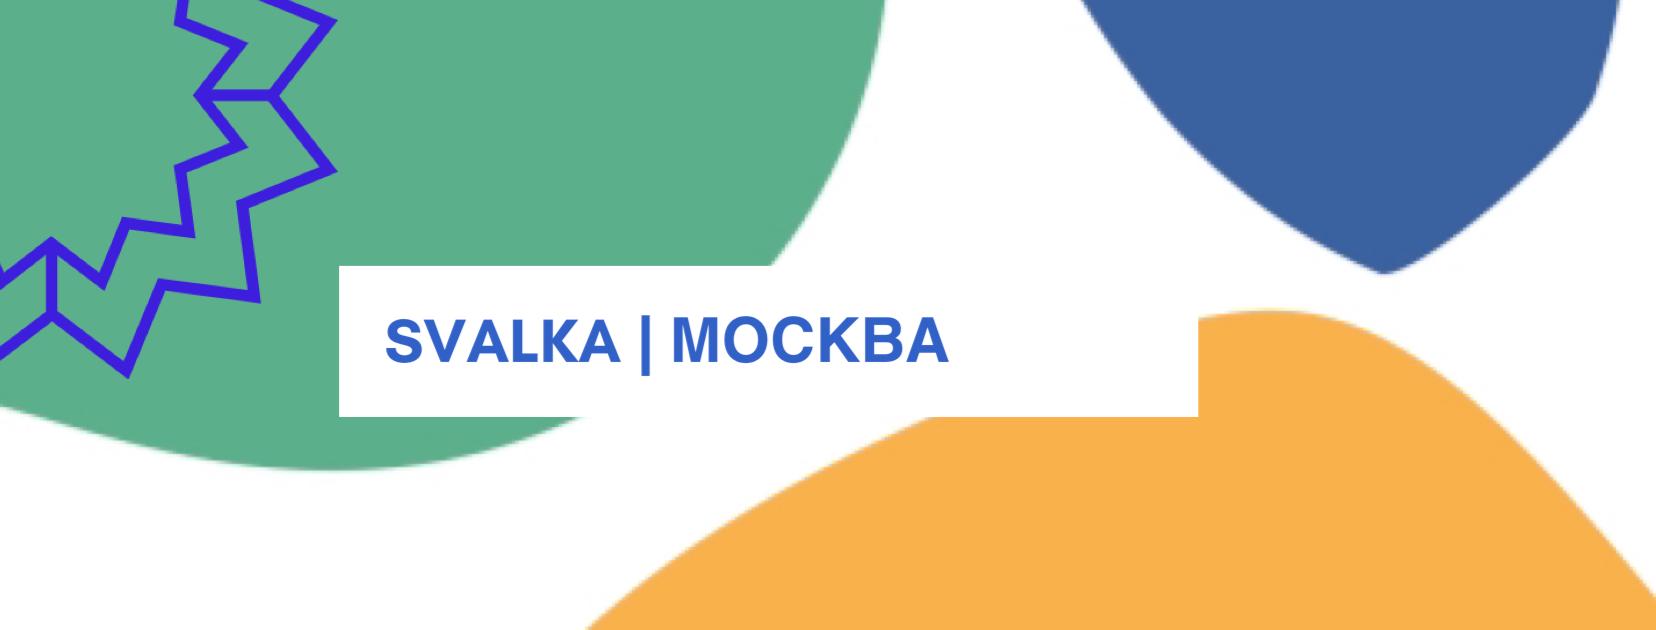 Конкурс на дизайн боксы для сбора вещей для проекта SVALKA — hsedesignlab.ru.